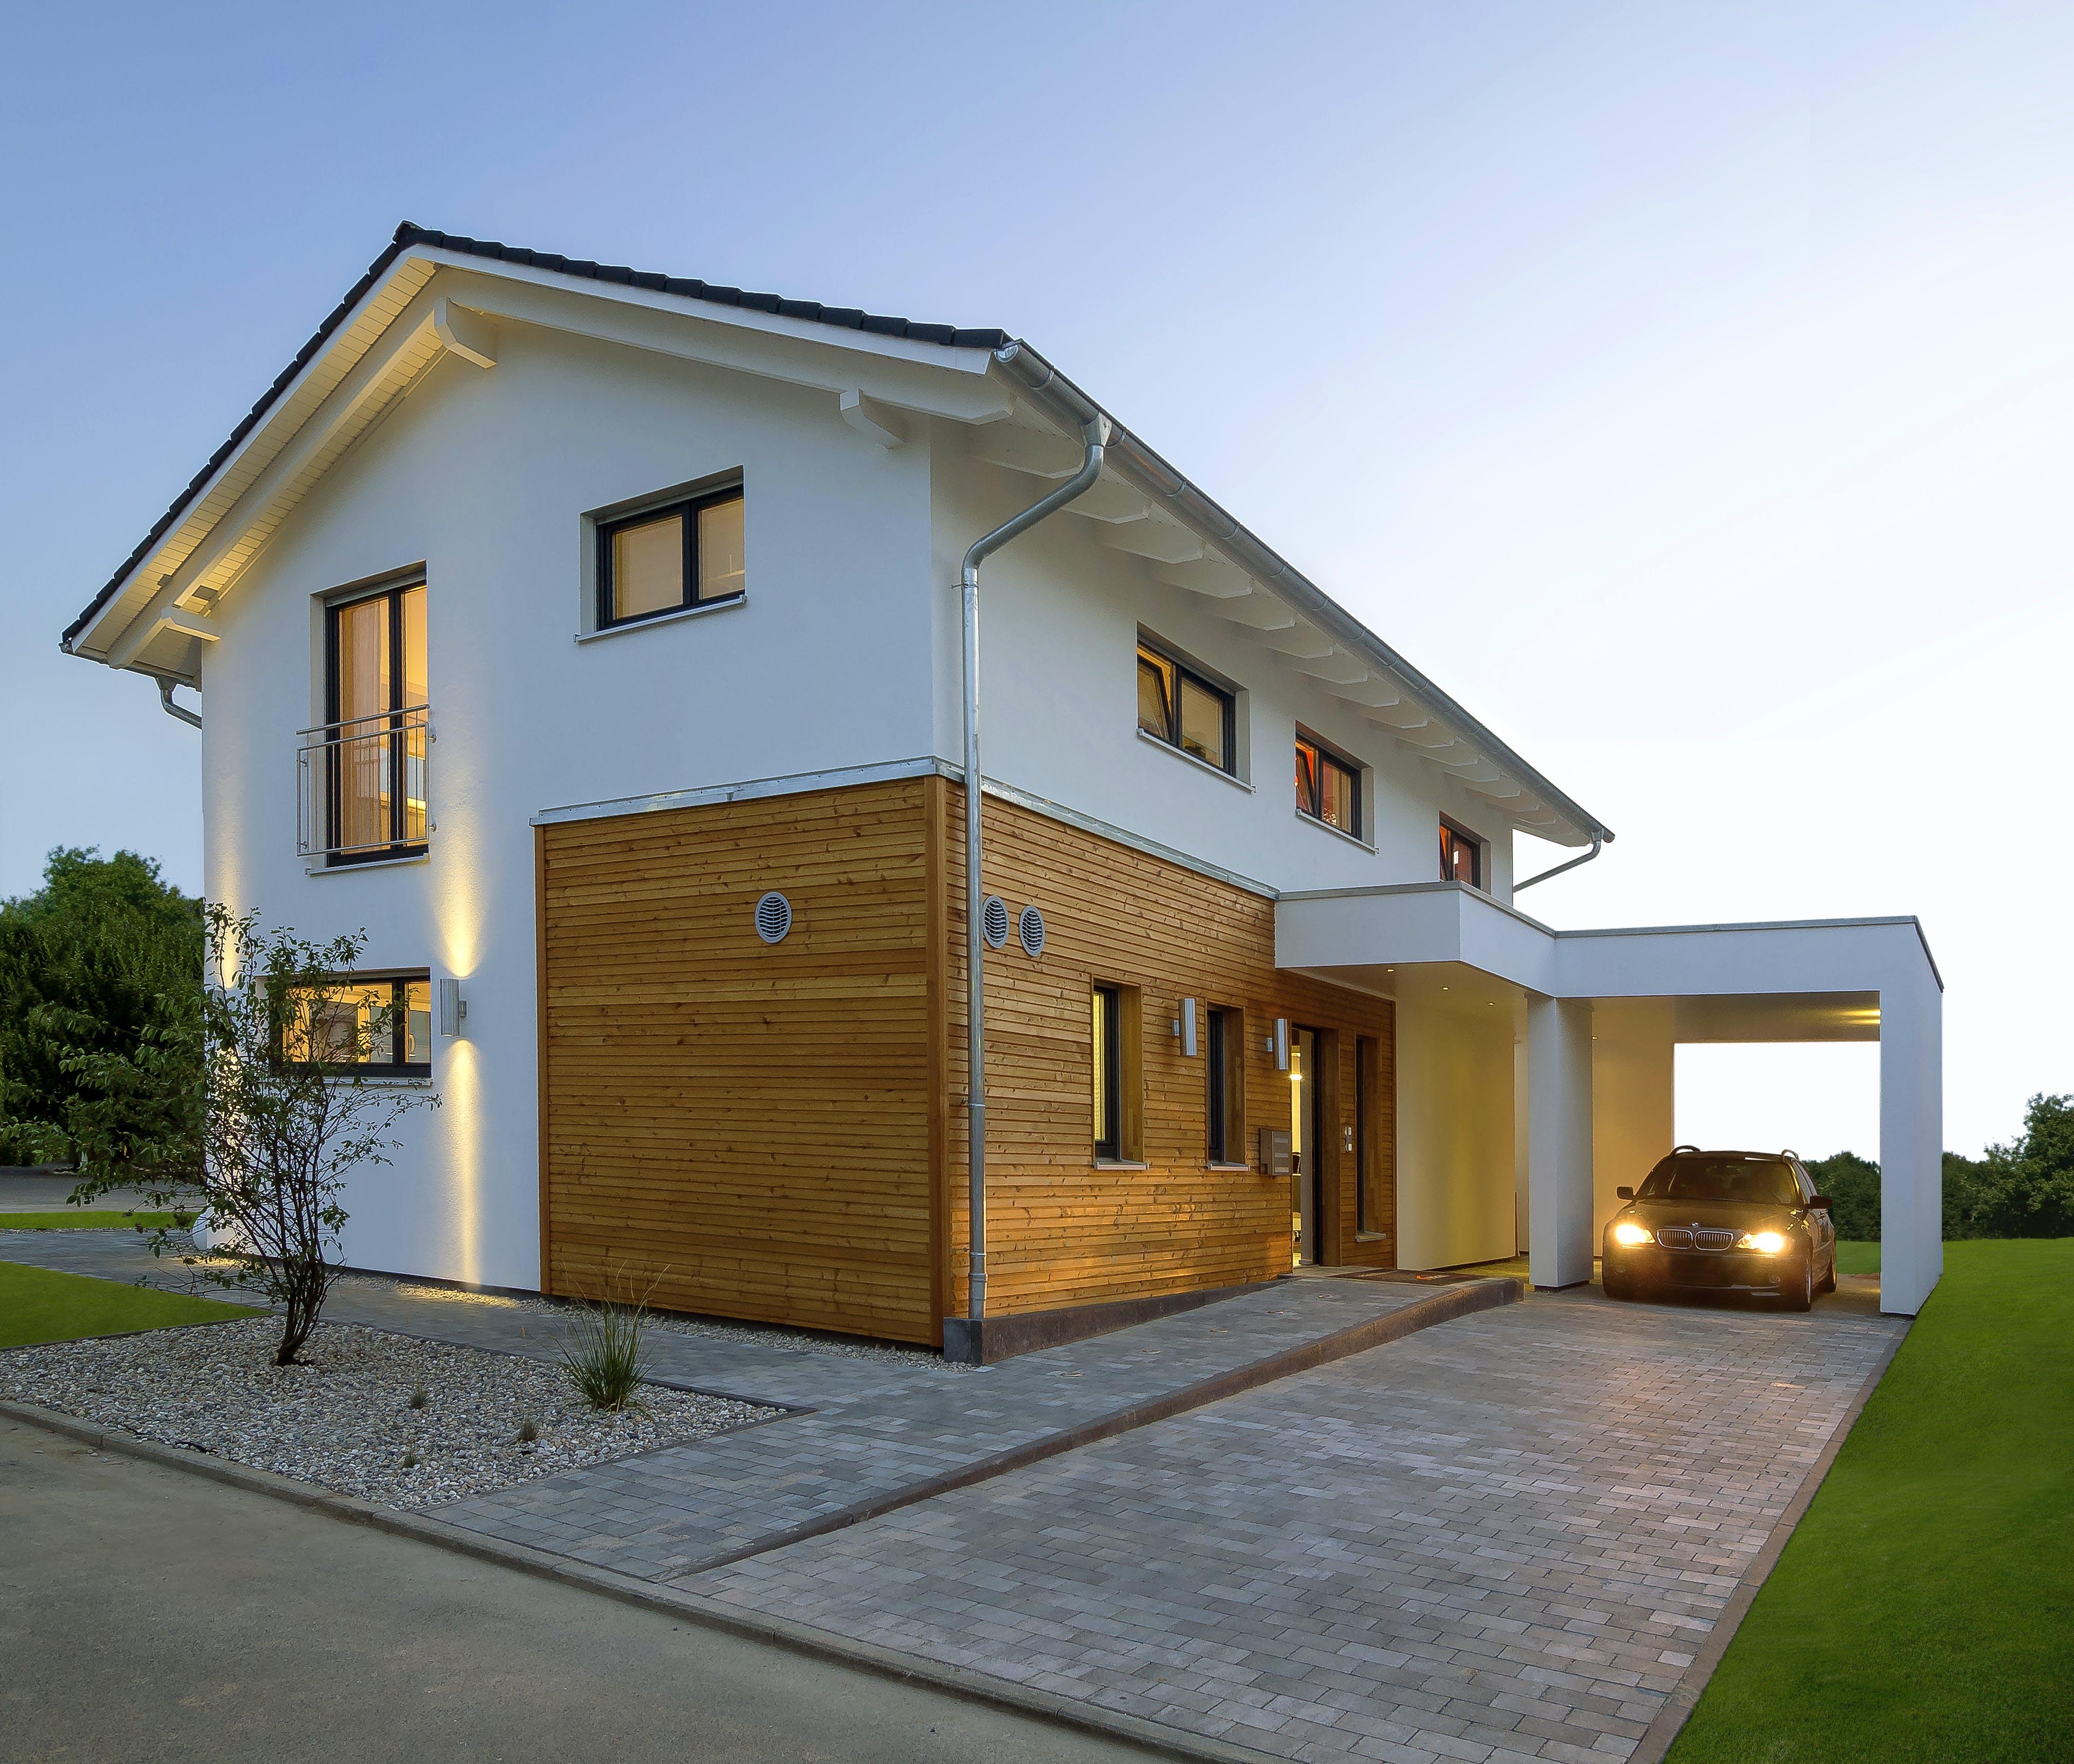 Super Häuser mit Carport - Preise | Anbieter | Infos #CU_28